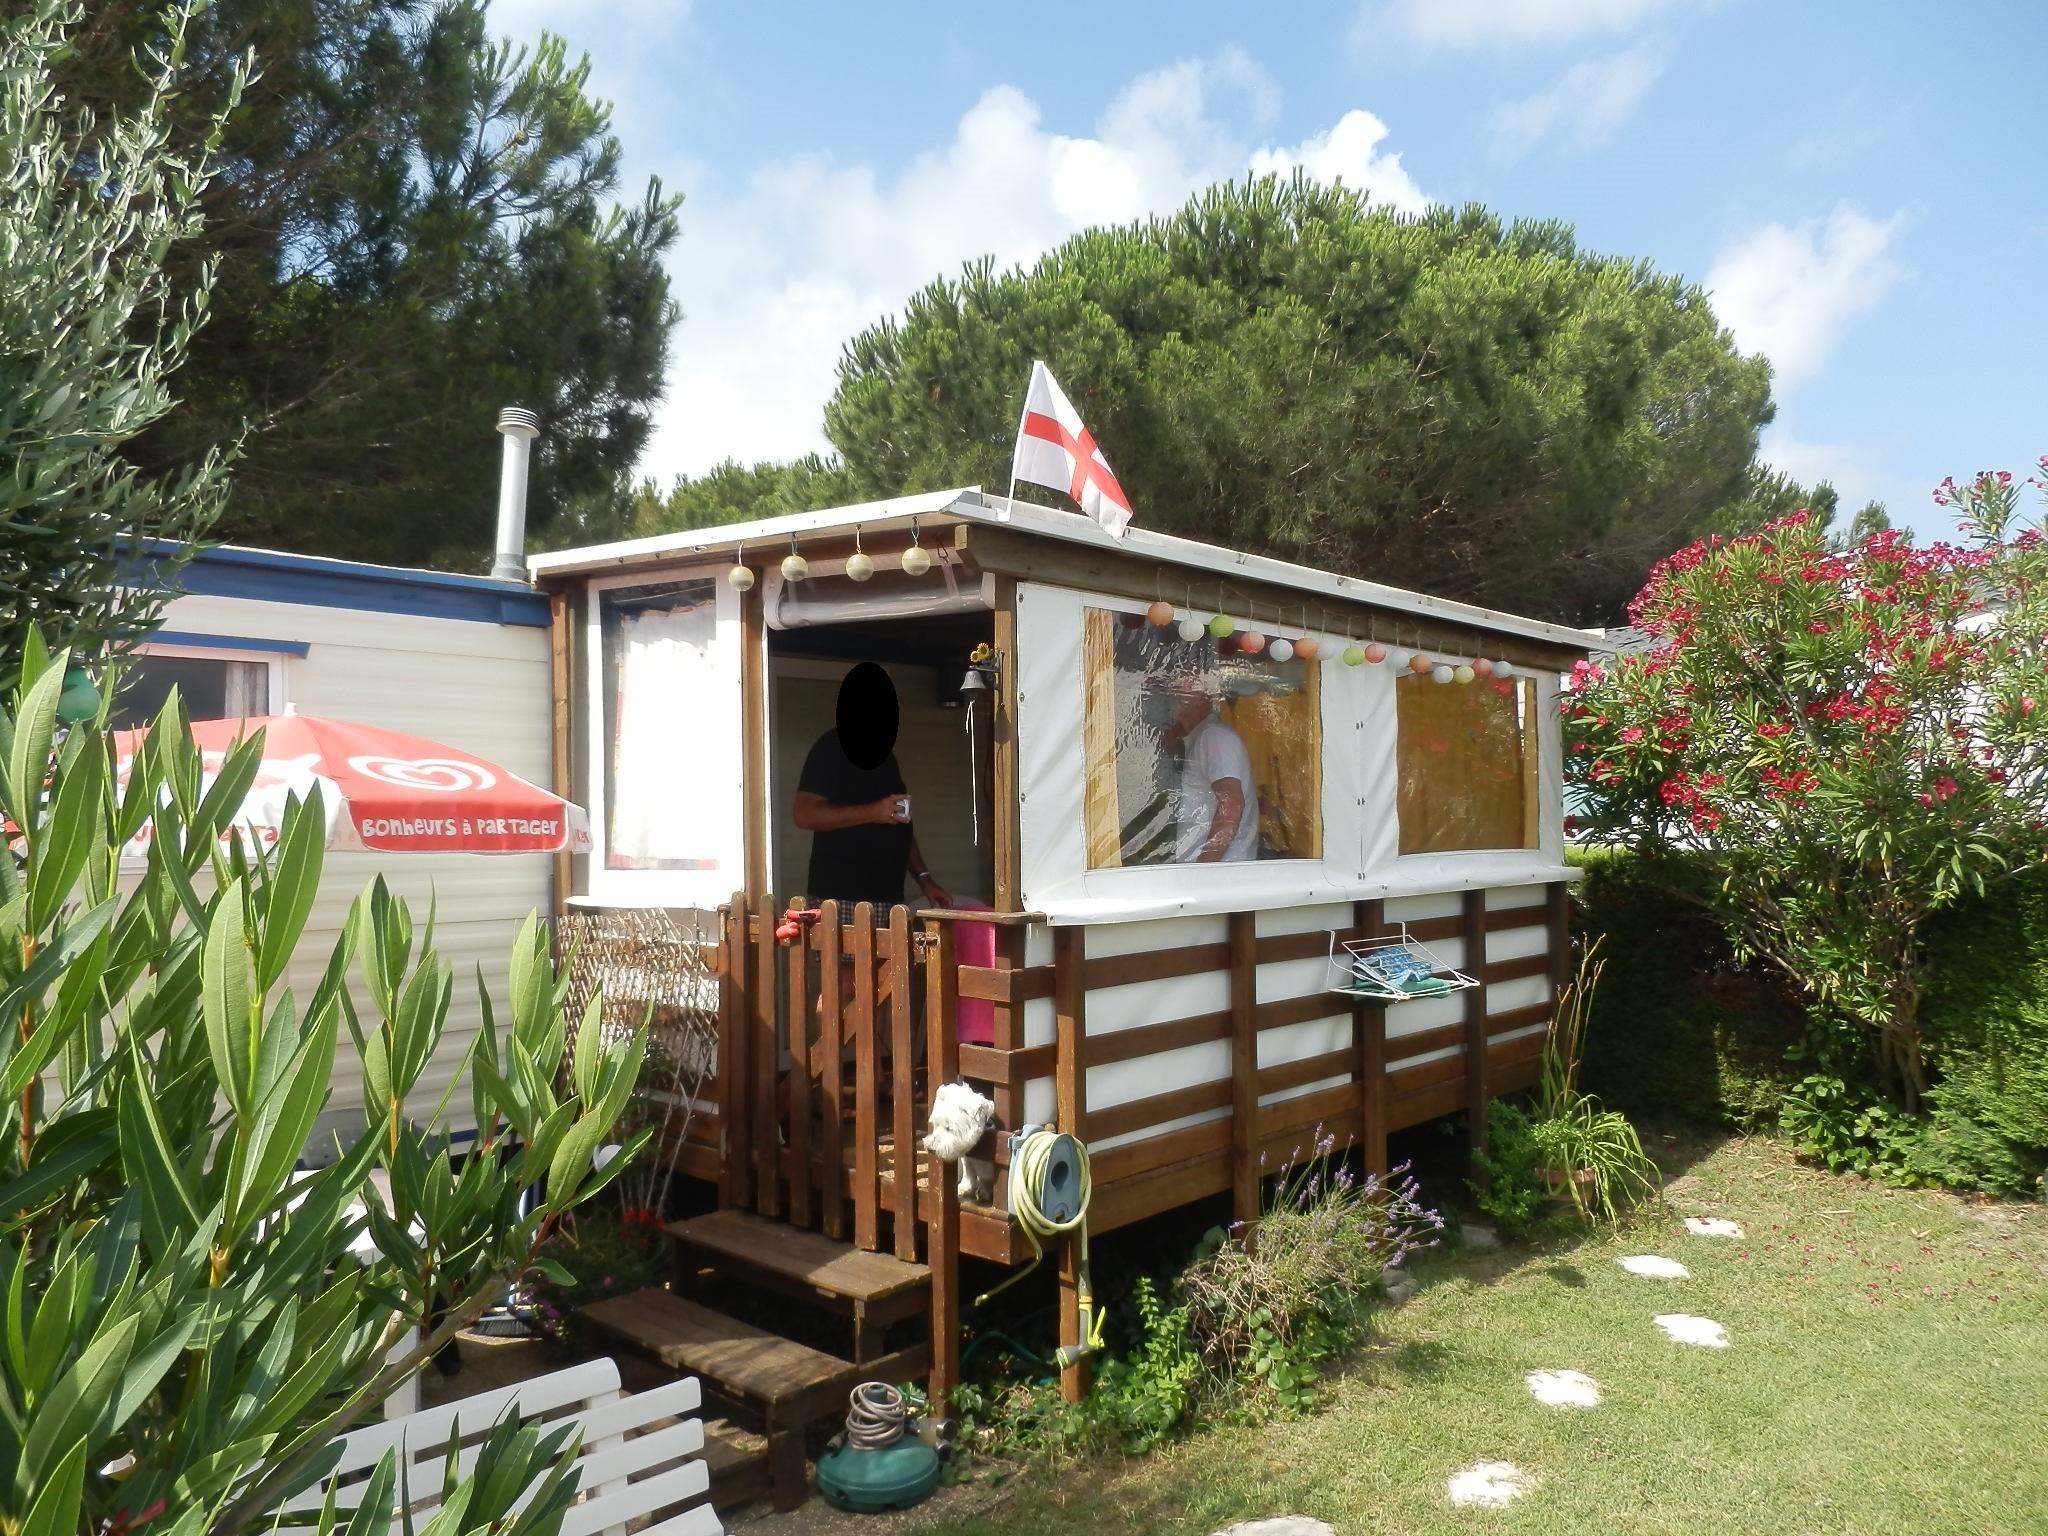 Terrasse Fermée En Bois terrasse couverte & fermée mobil home en bois autoclave - amapola caravane  mobil home